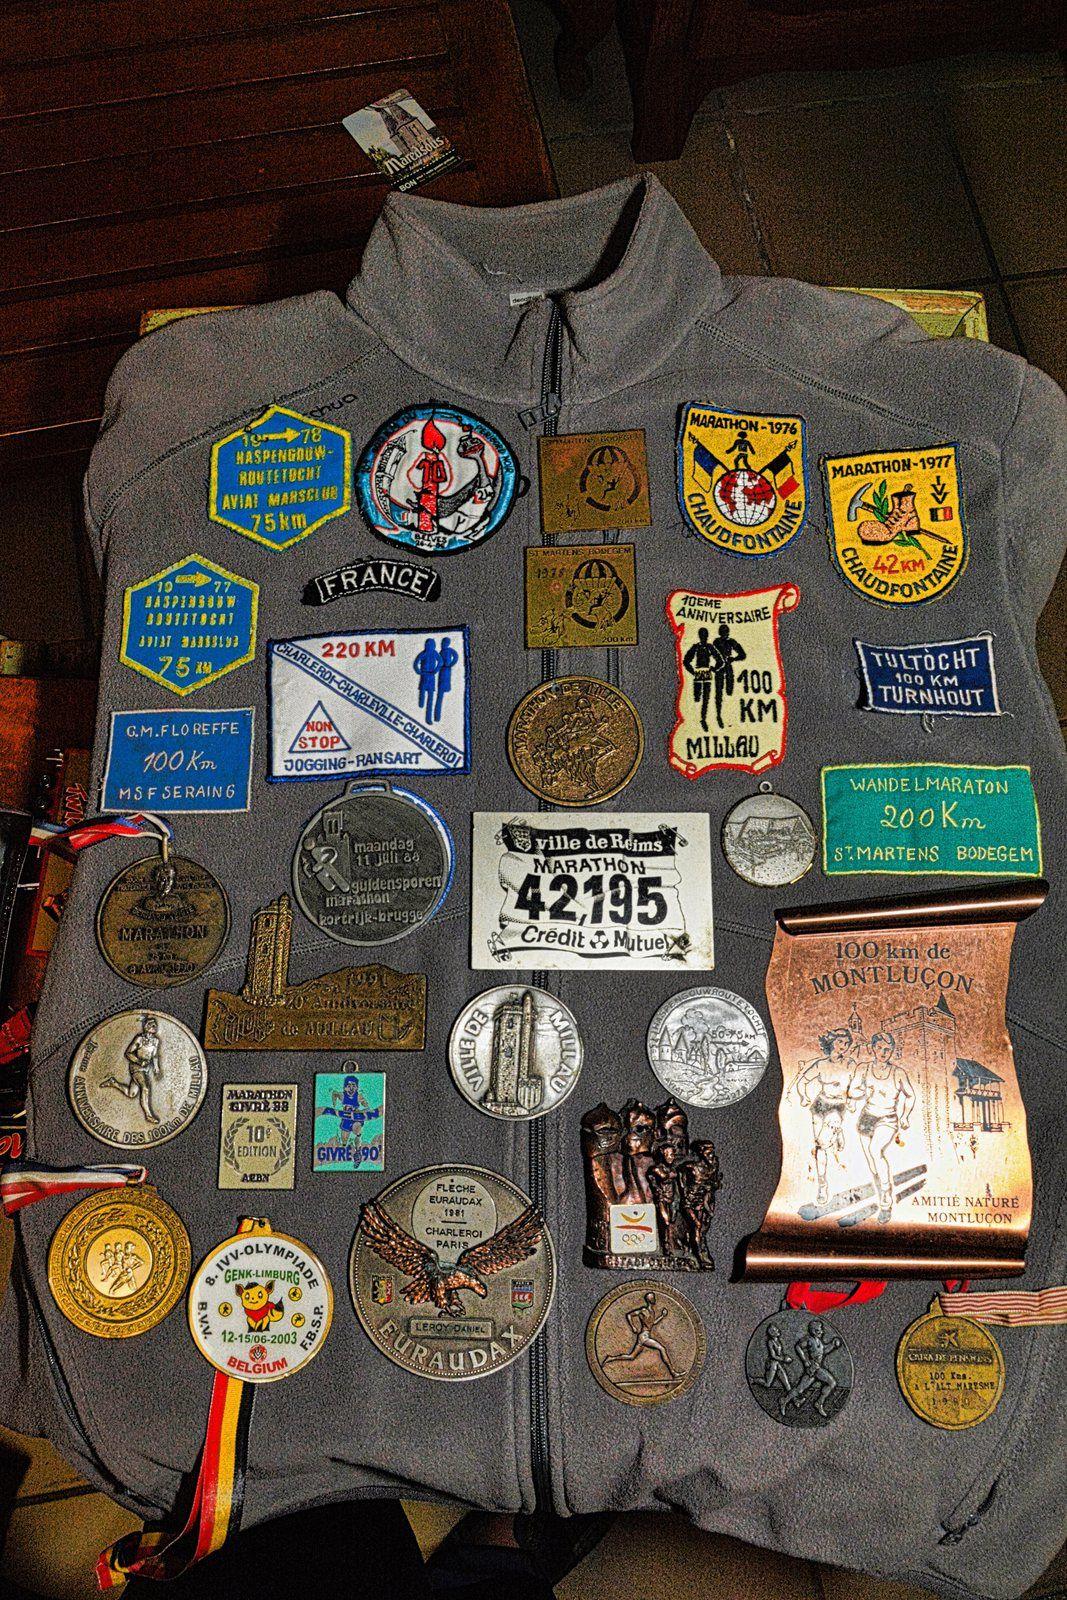 Pour être membre avoir terminé : 100 marathons, ( terminé 121 marathons + 40 x 100 km = 161)